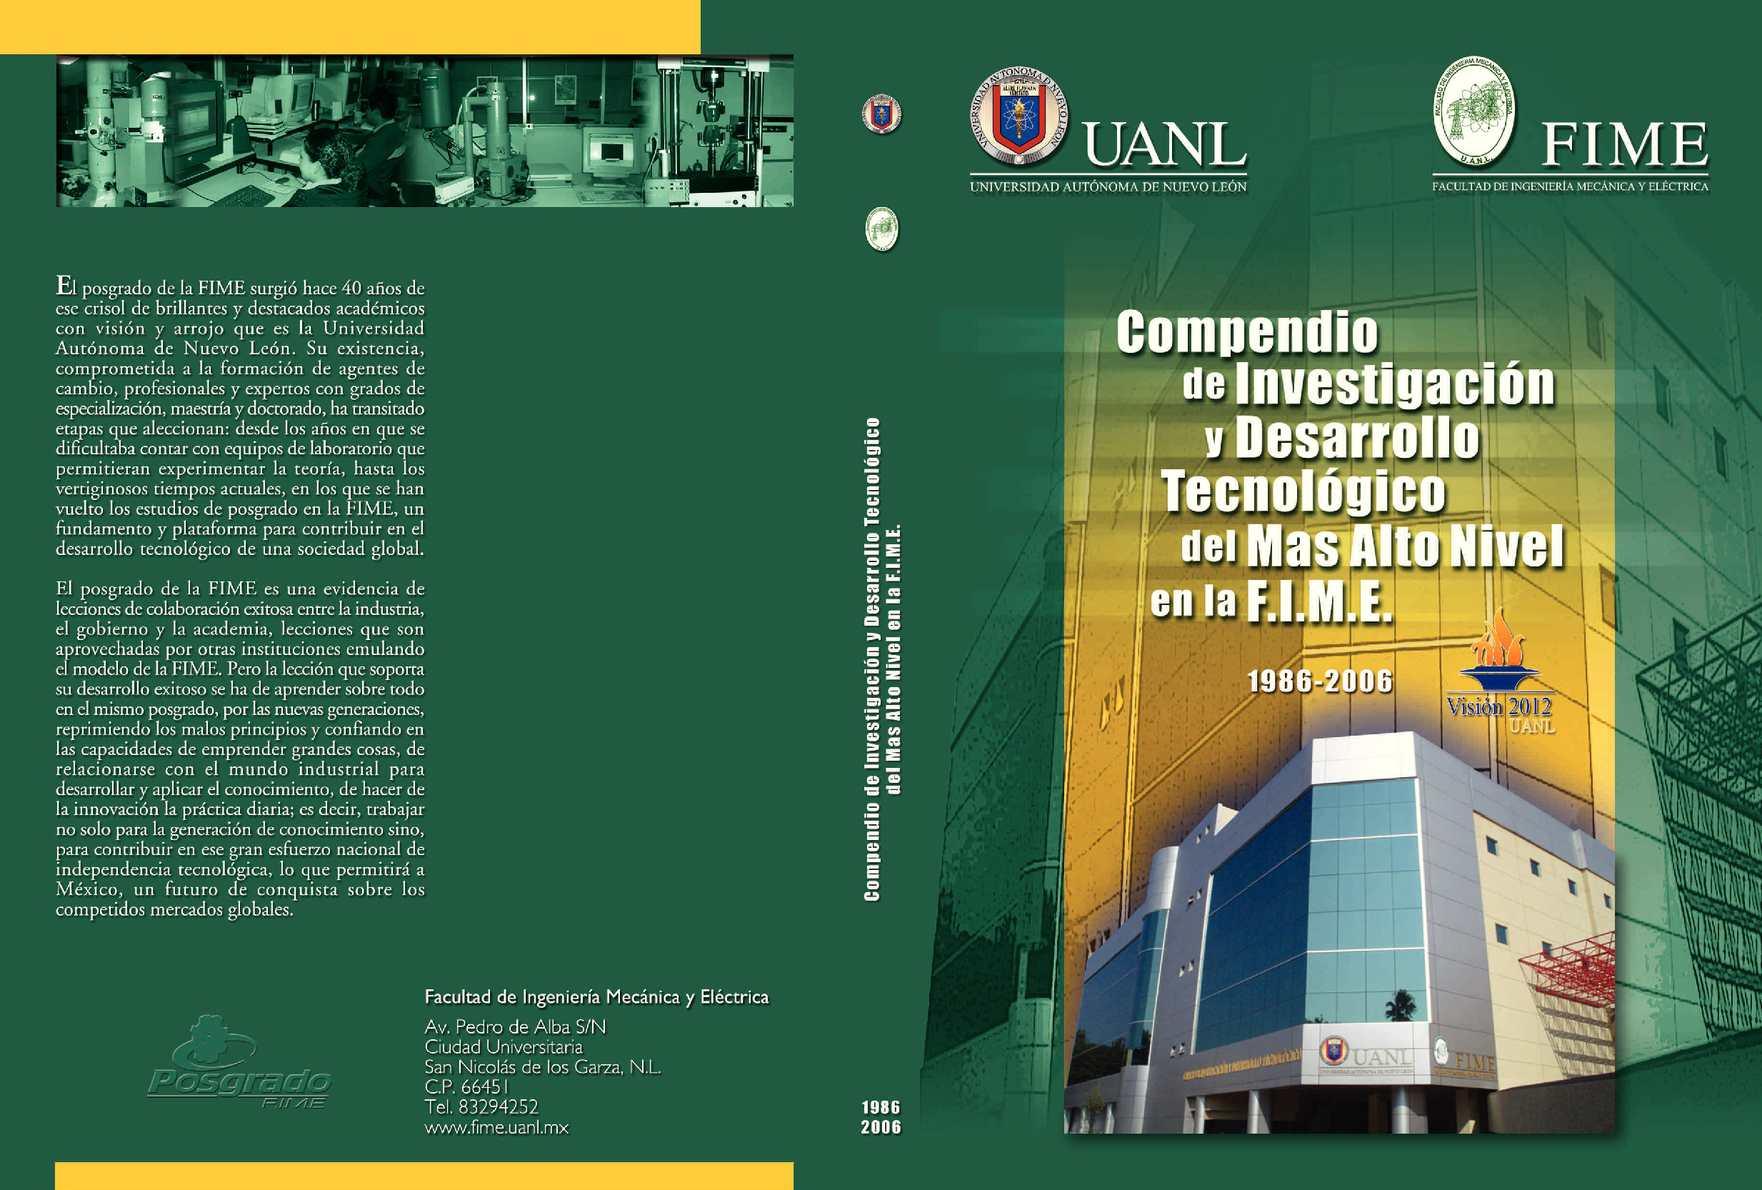 Calaméo - Compendio_Investigación_FIME_UANL